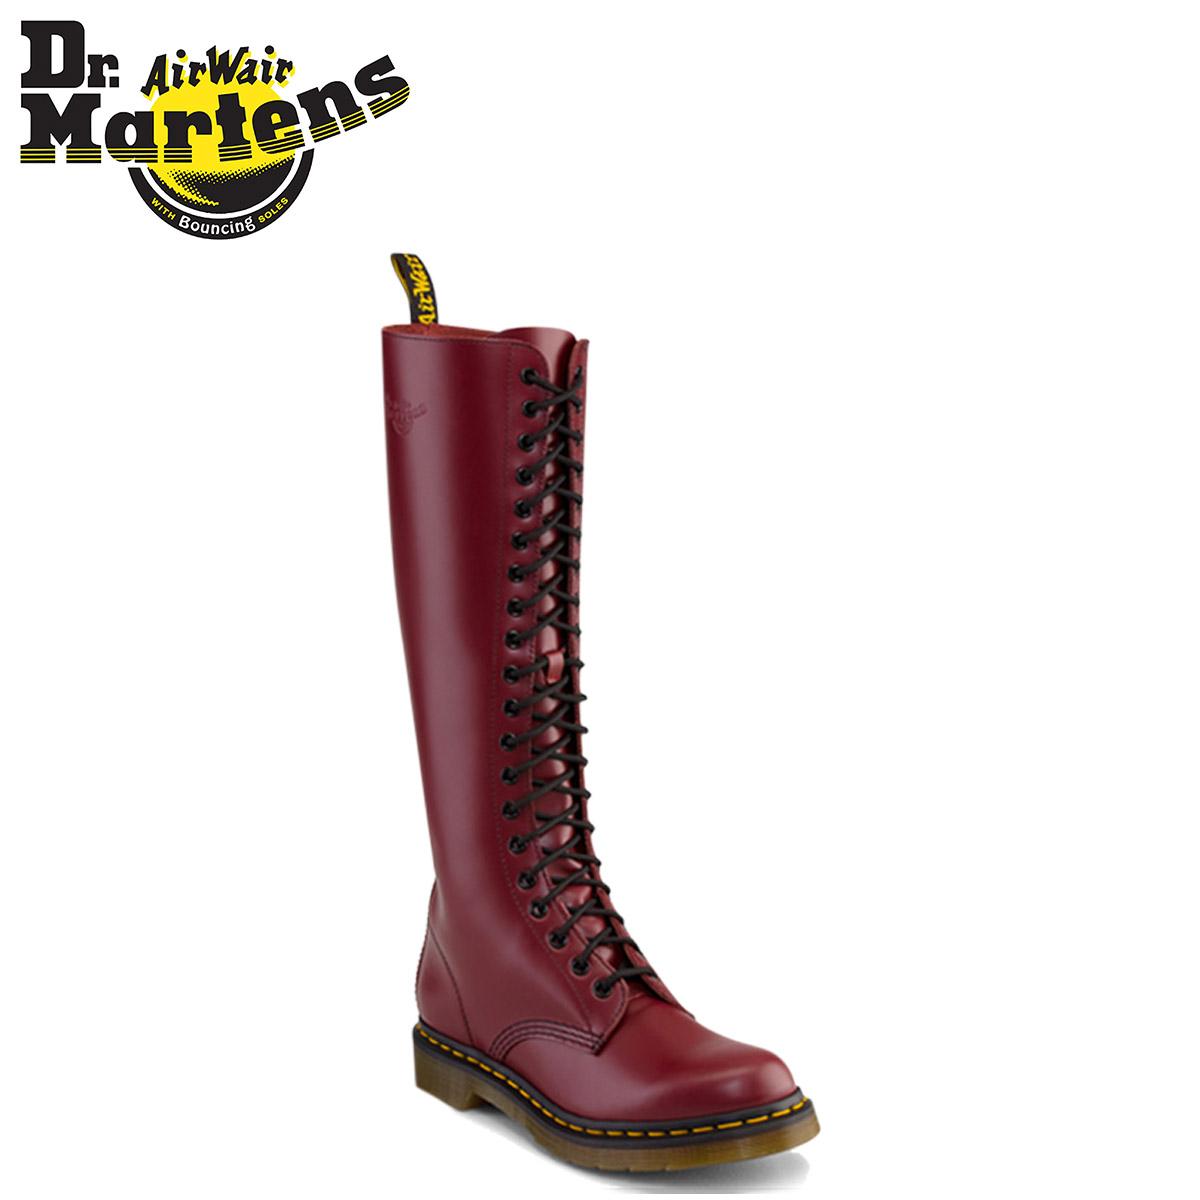 Dr Martens Shoes Shop Online